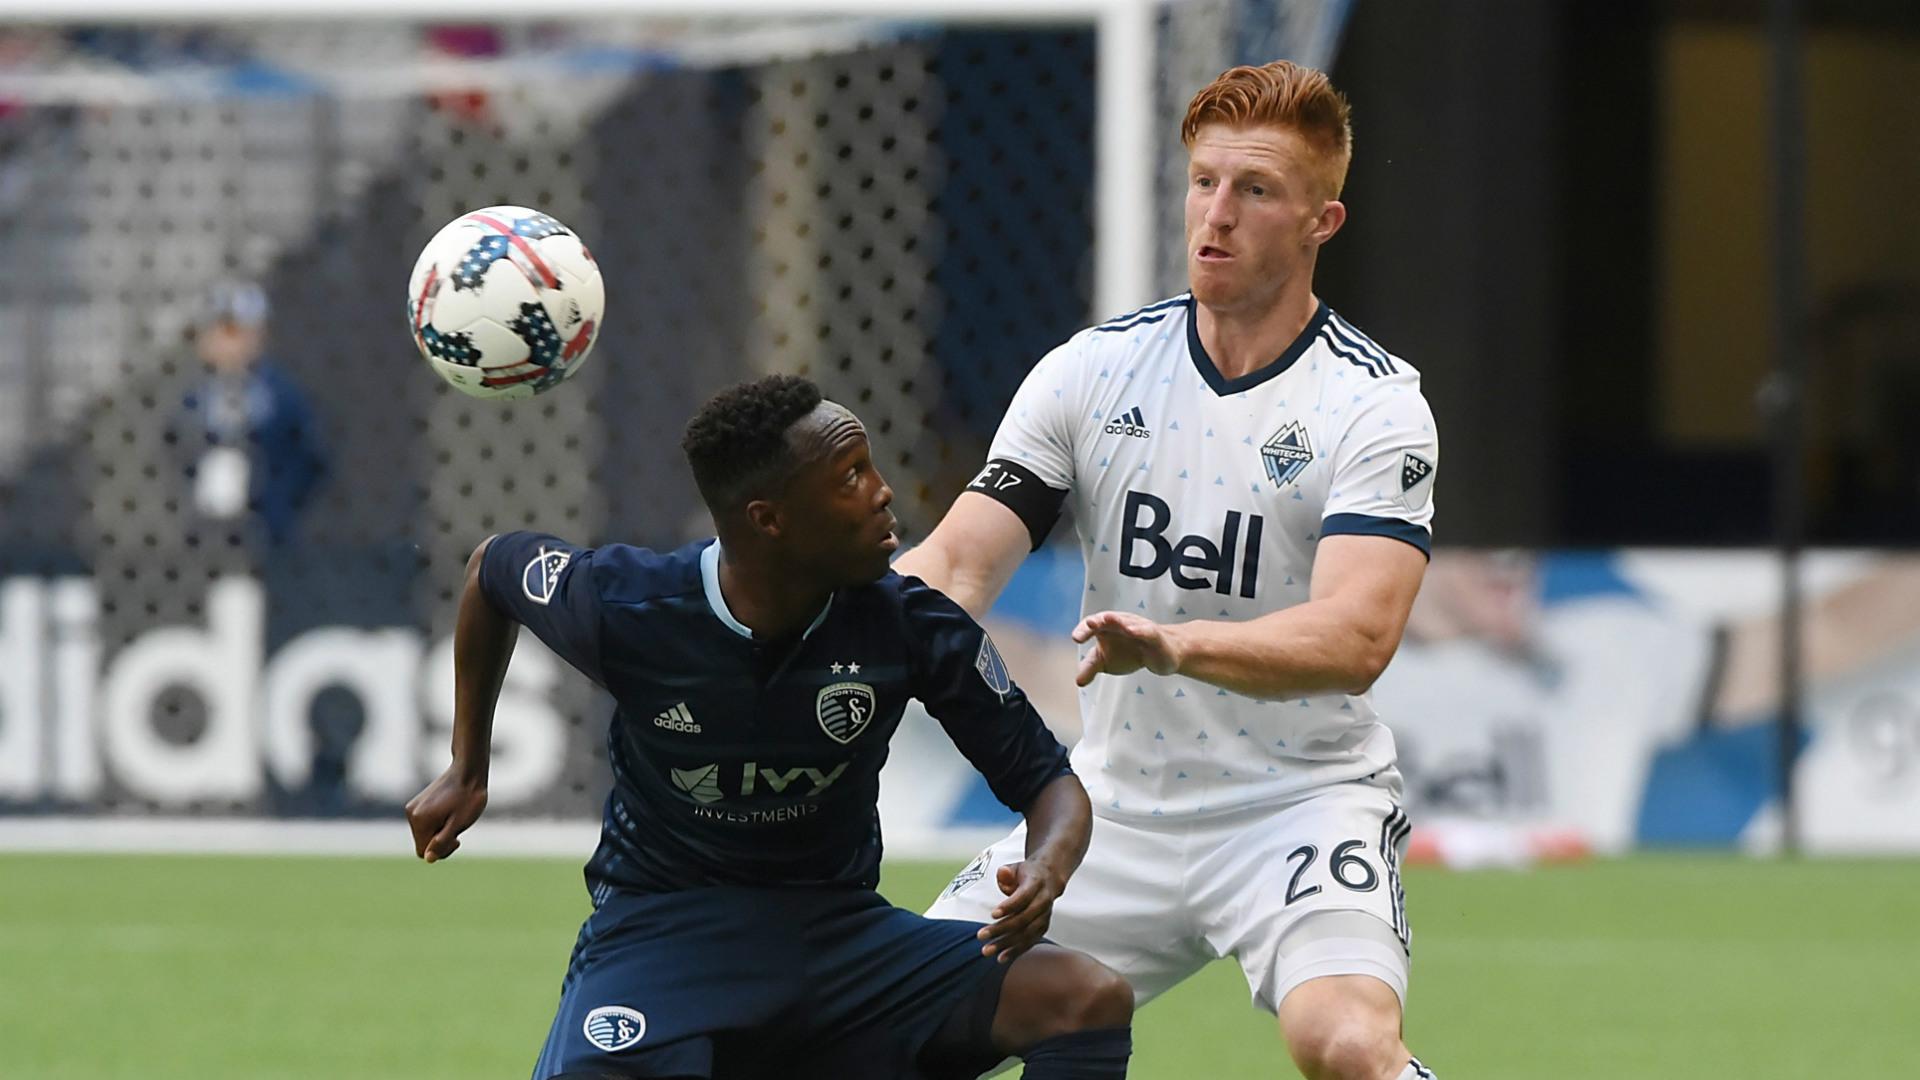 Sporting KC Vancouver Tim Parker Gerso Fernandes 05202017